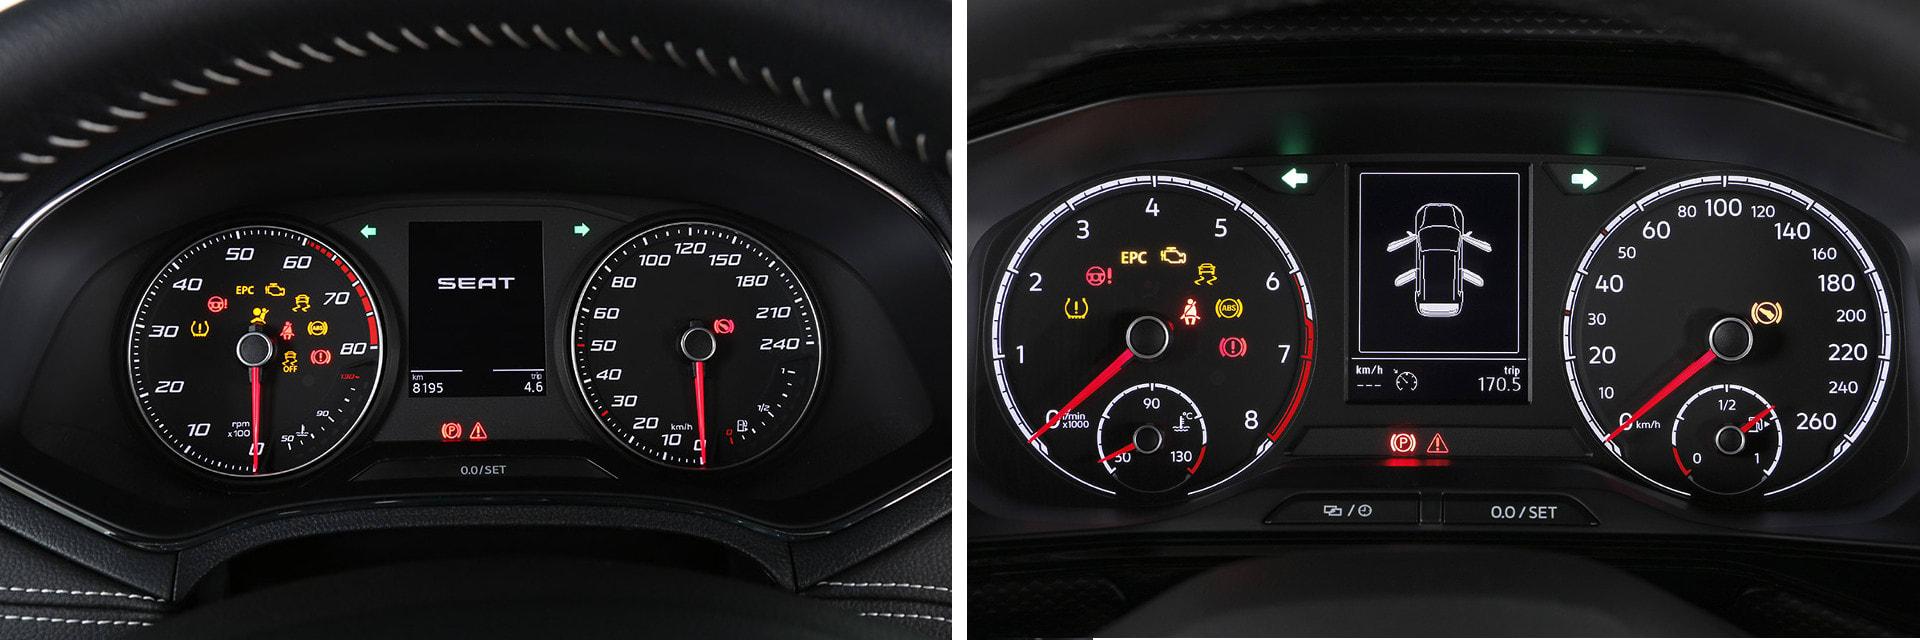 Ambas instrumentaciones están formadas por dos esferas a los lados y, en el centro, una pantalla para el ordenador de a bordo. / km77